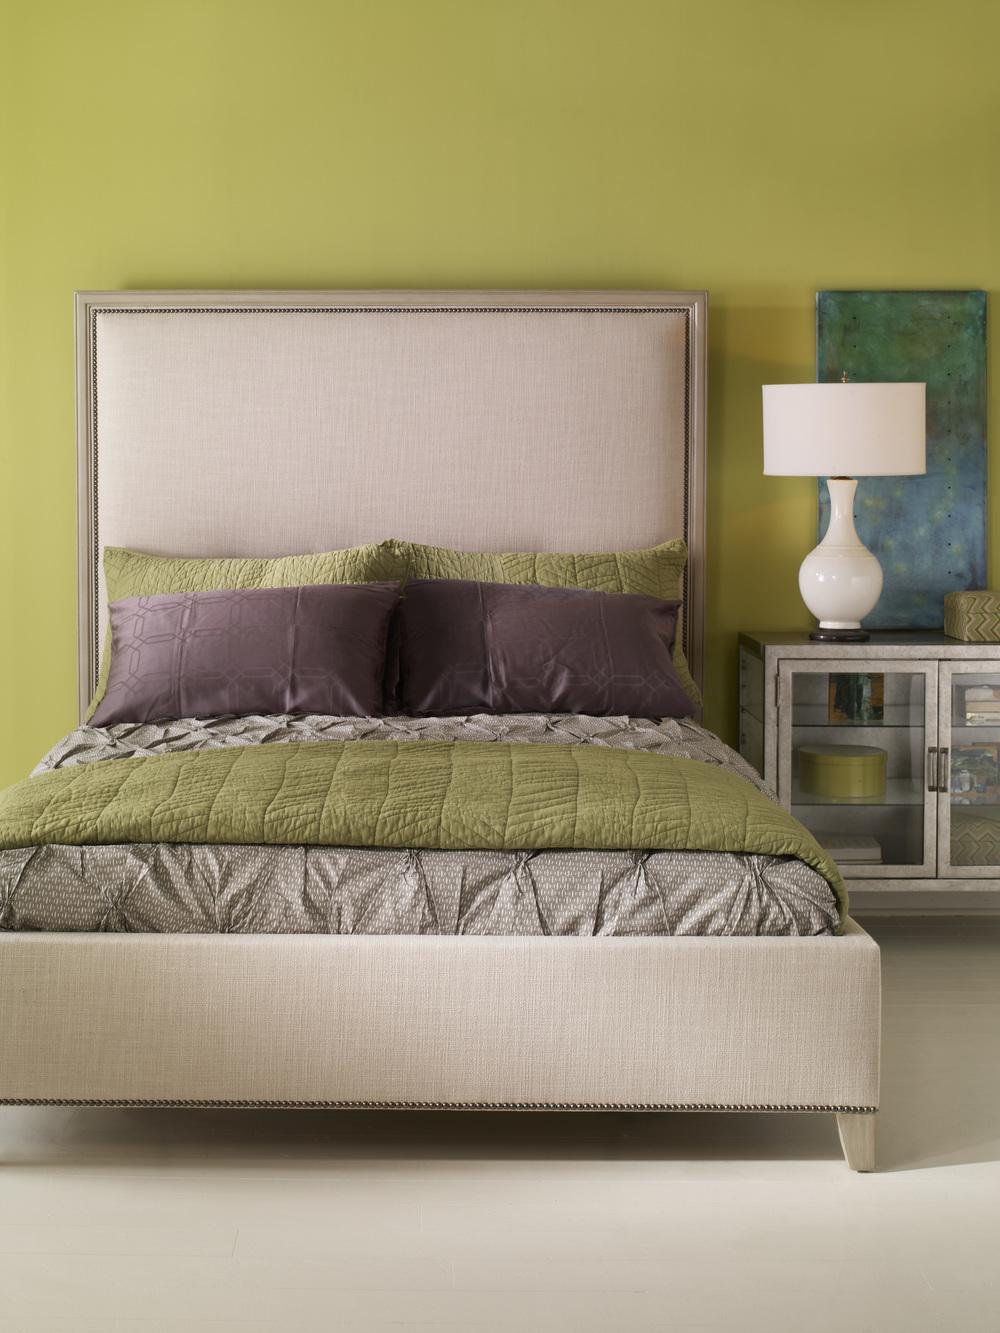 Vanguard Furniture - Dana Queen Platform Bed